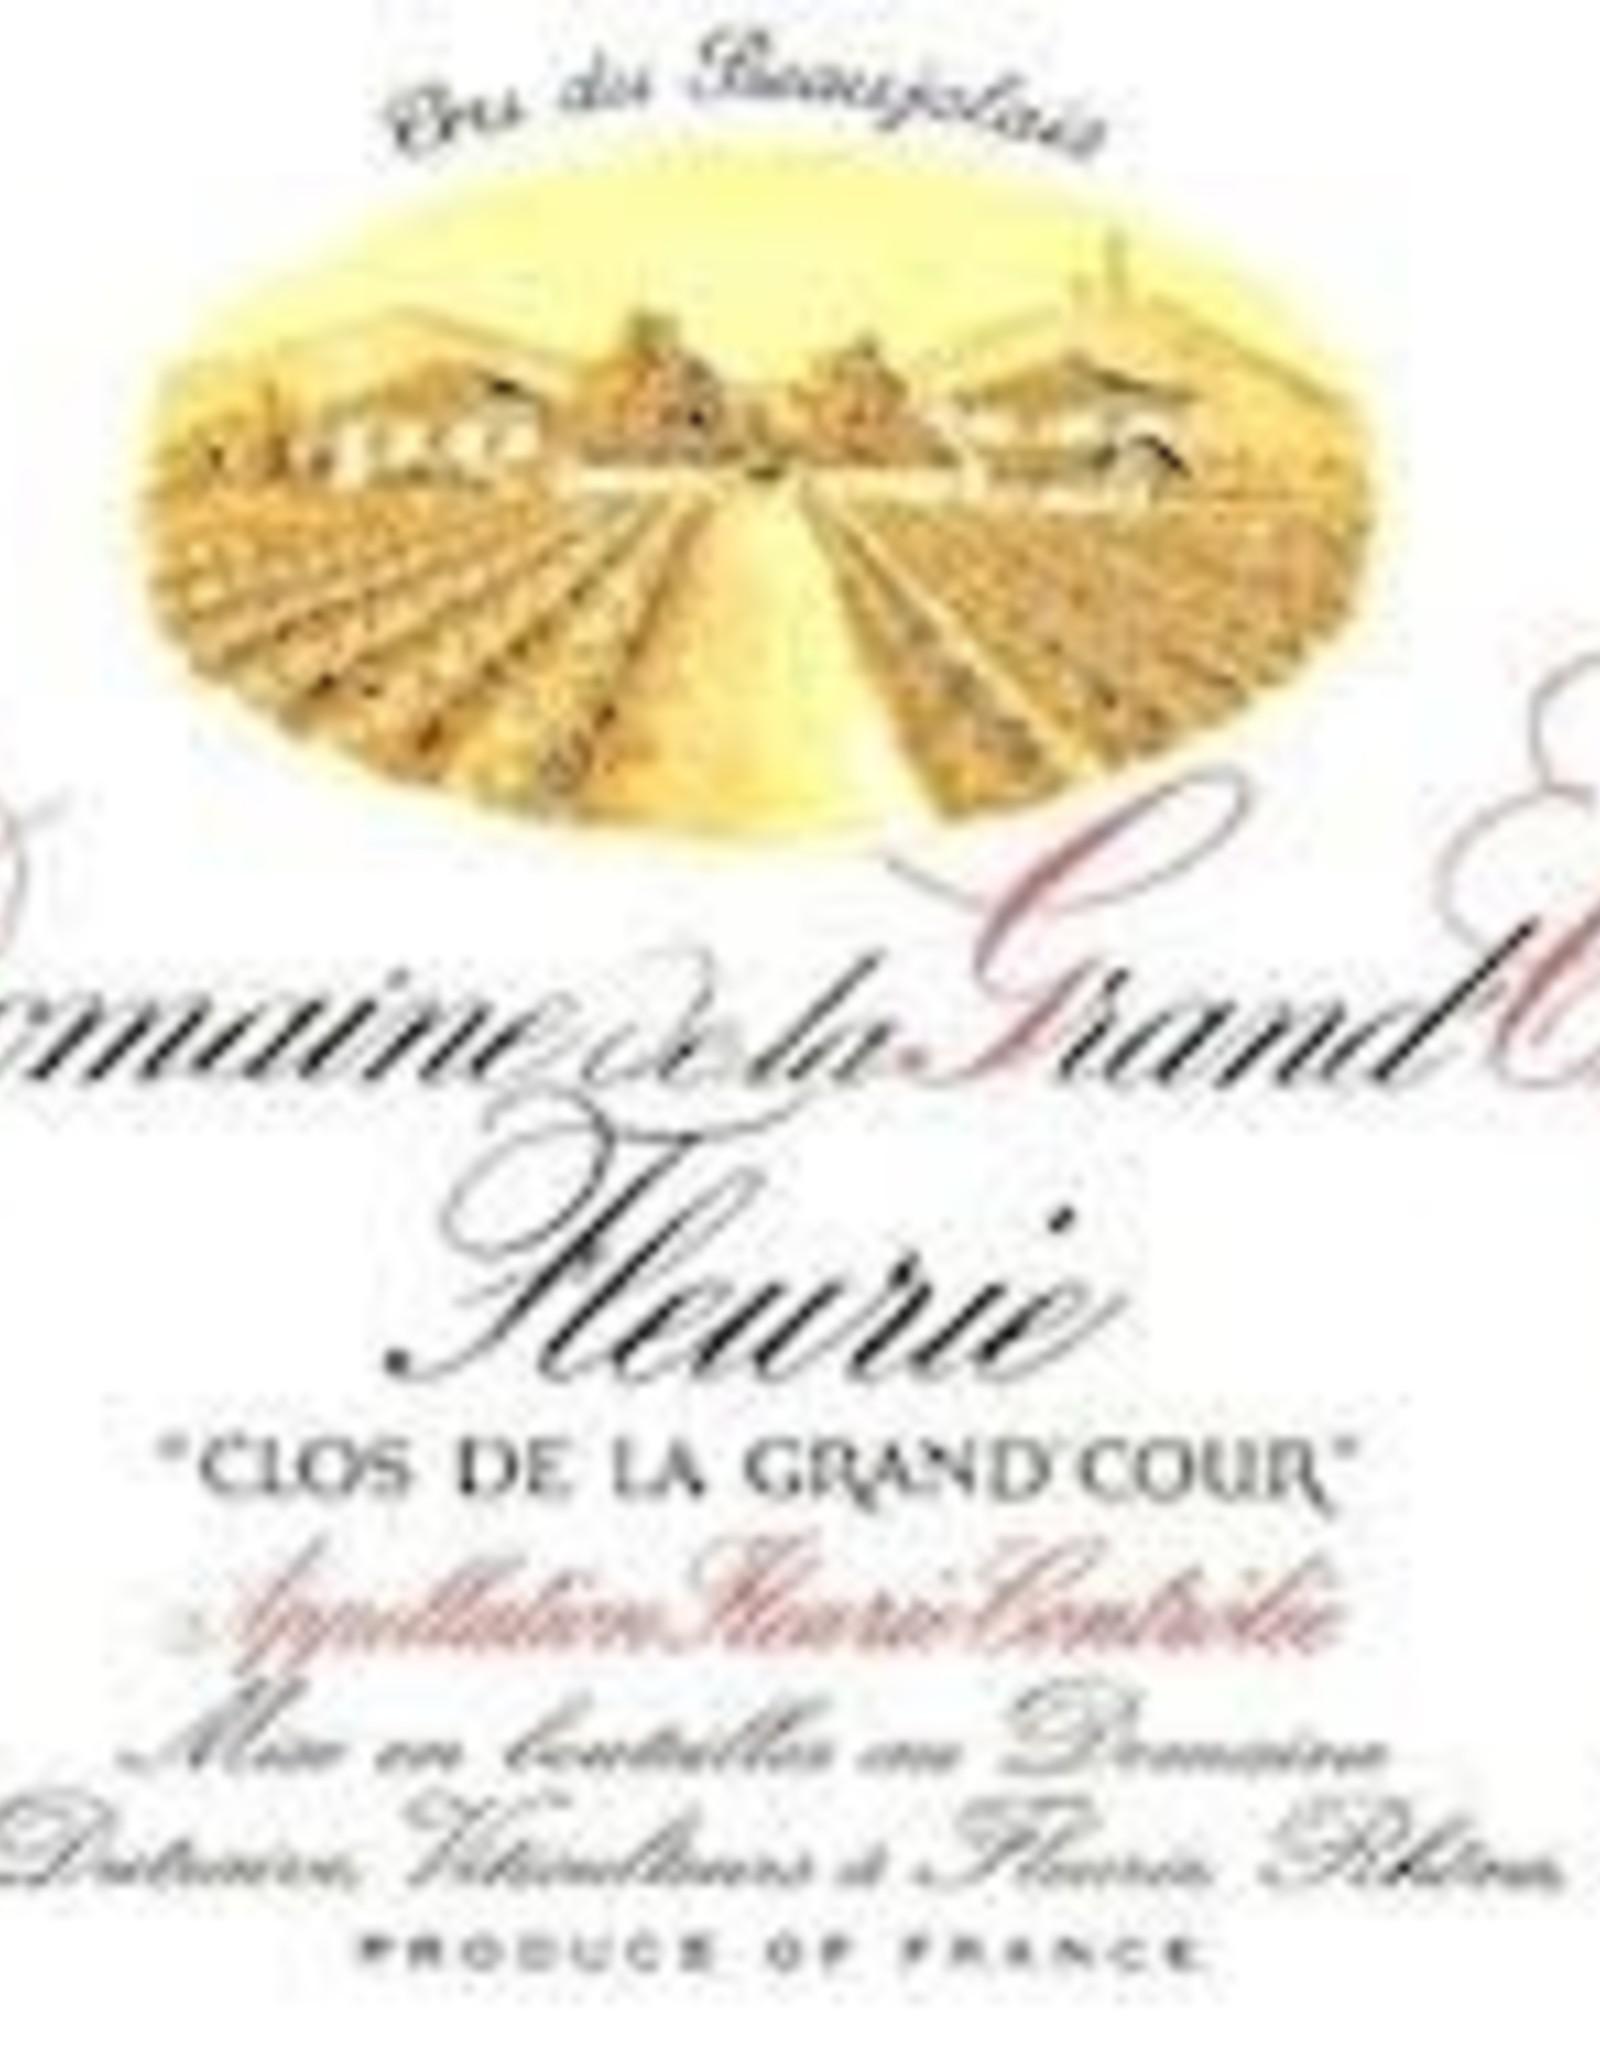 Beaujolais, Fleurie, 'Clos de la Grand Cour,' Dutraive 2018